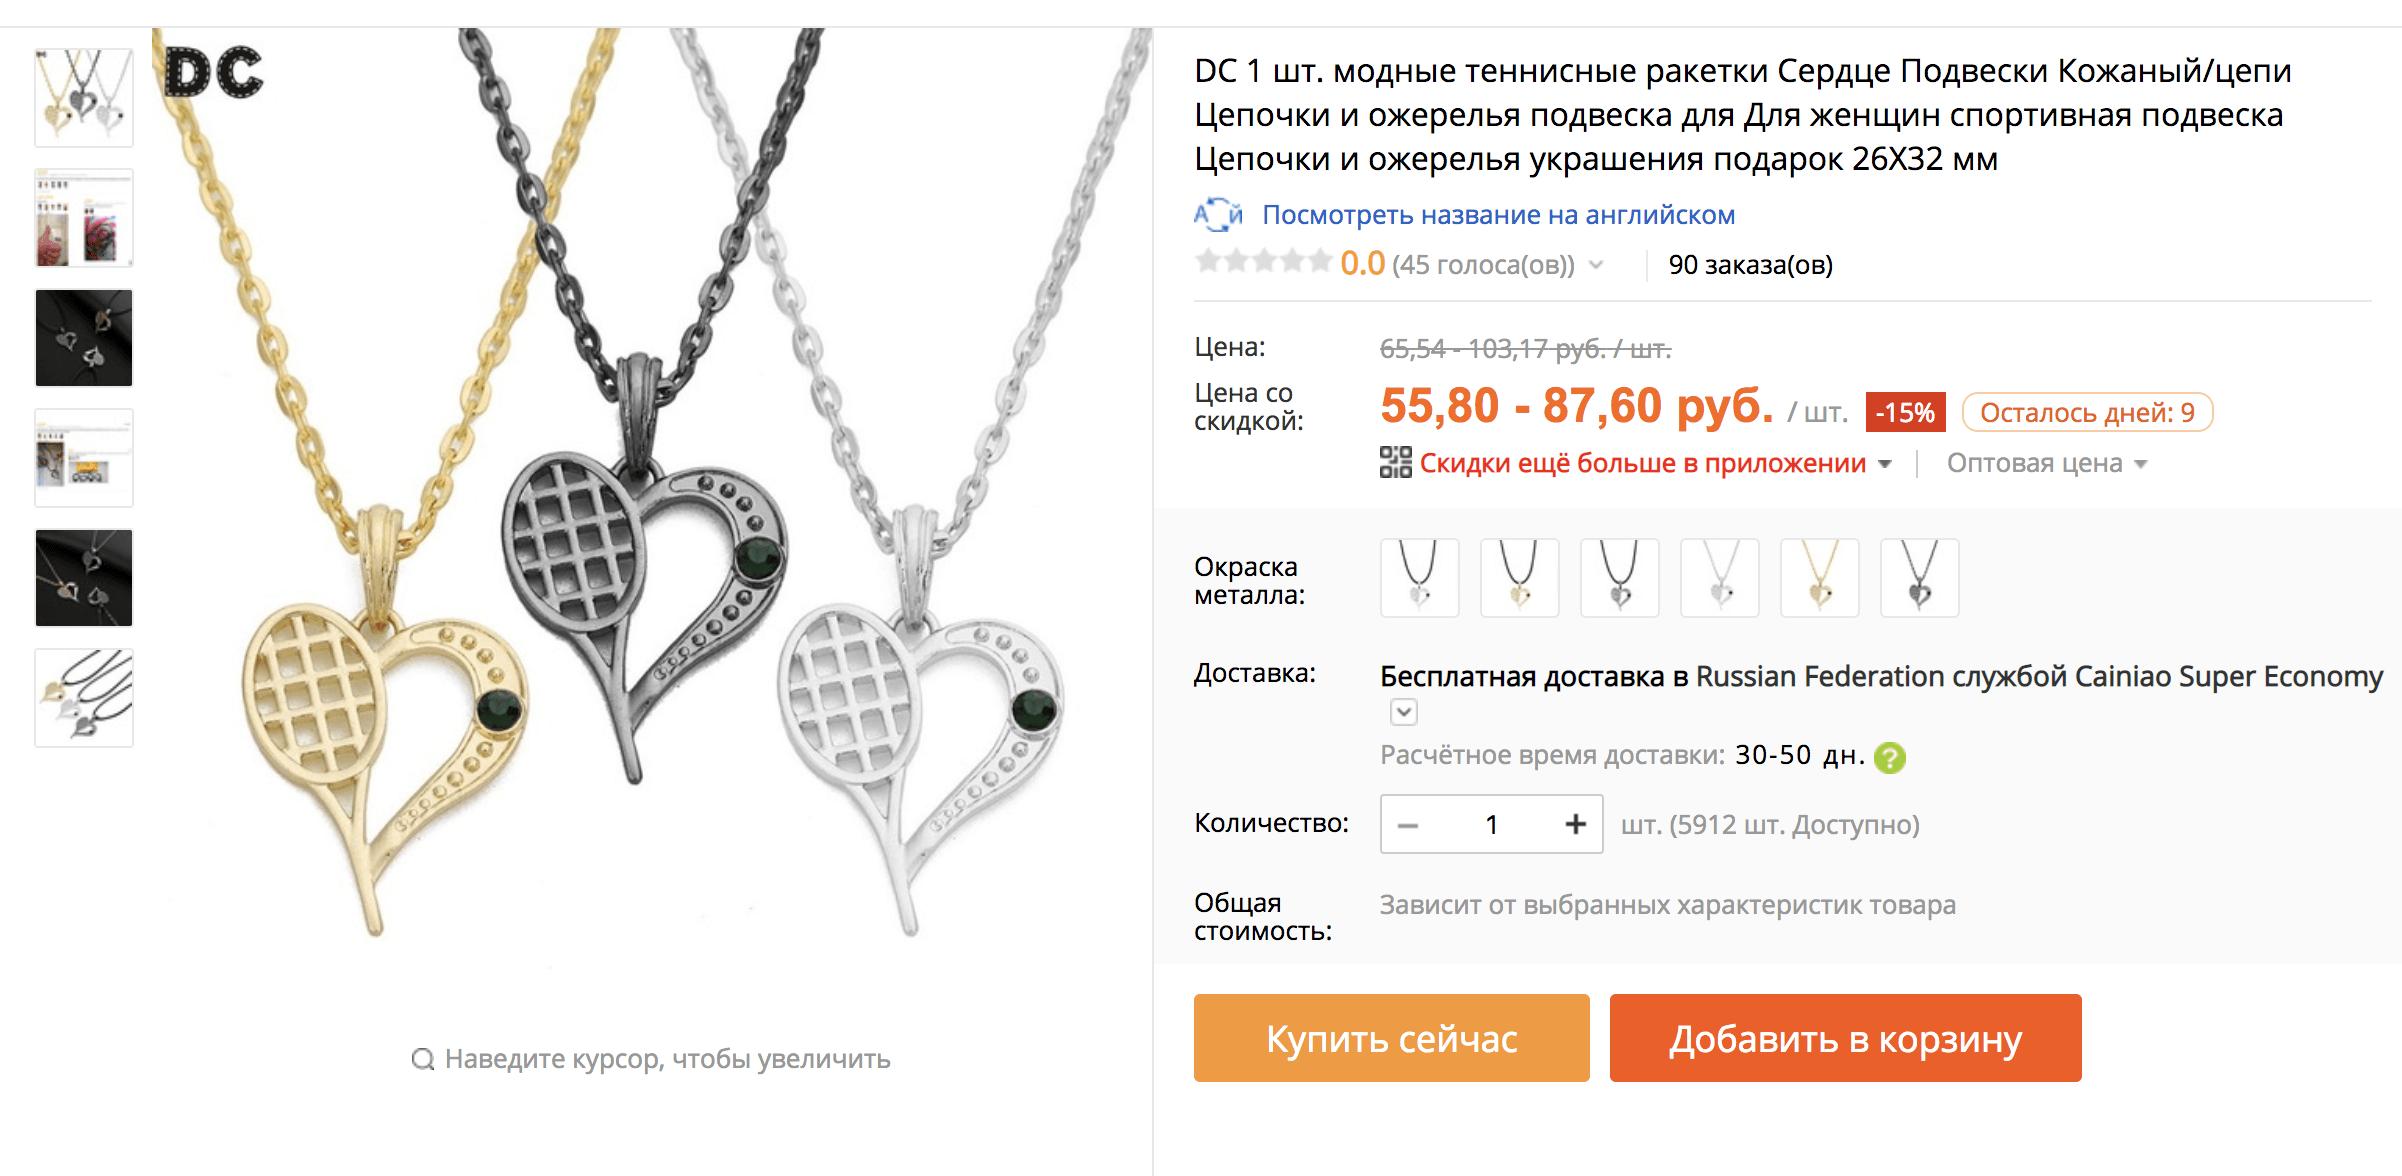 Какой-то кулон-сердечко за 1 цент. То ли ракетка, то ли вафельница, в любом случае — годнота